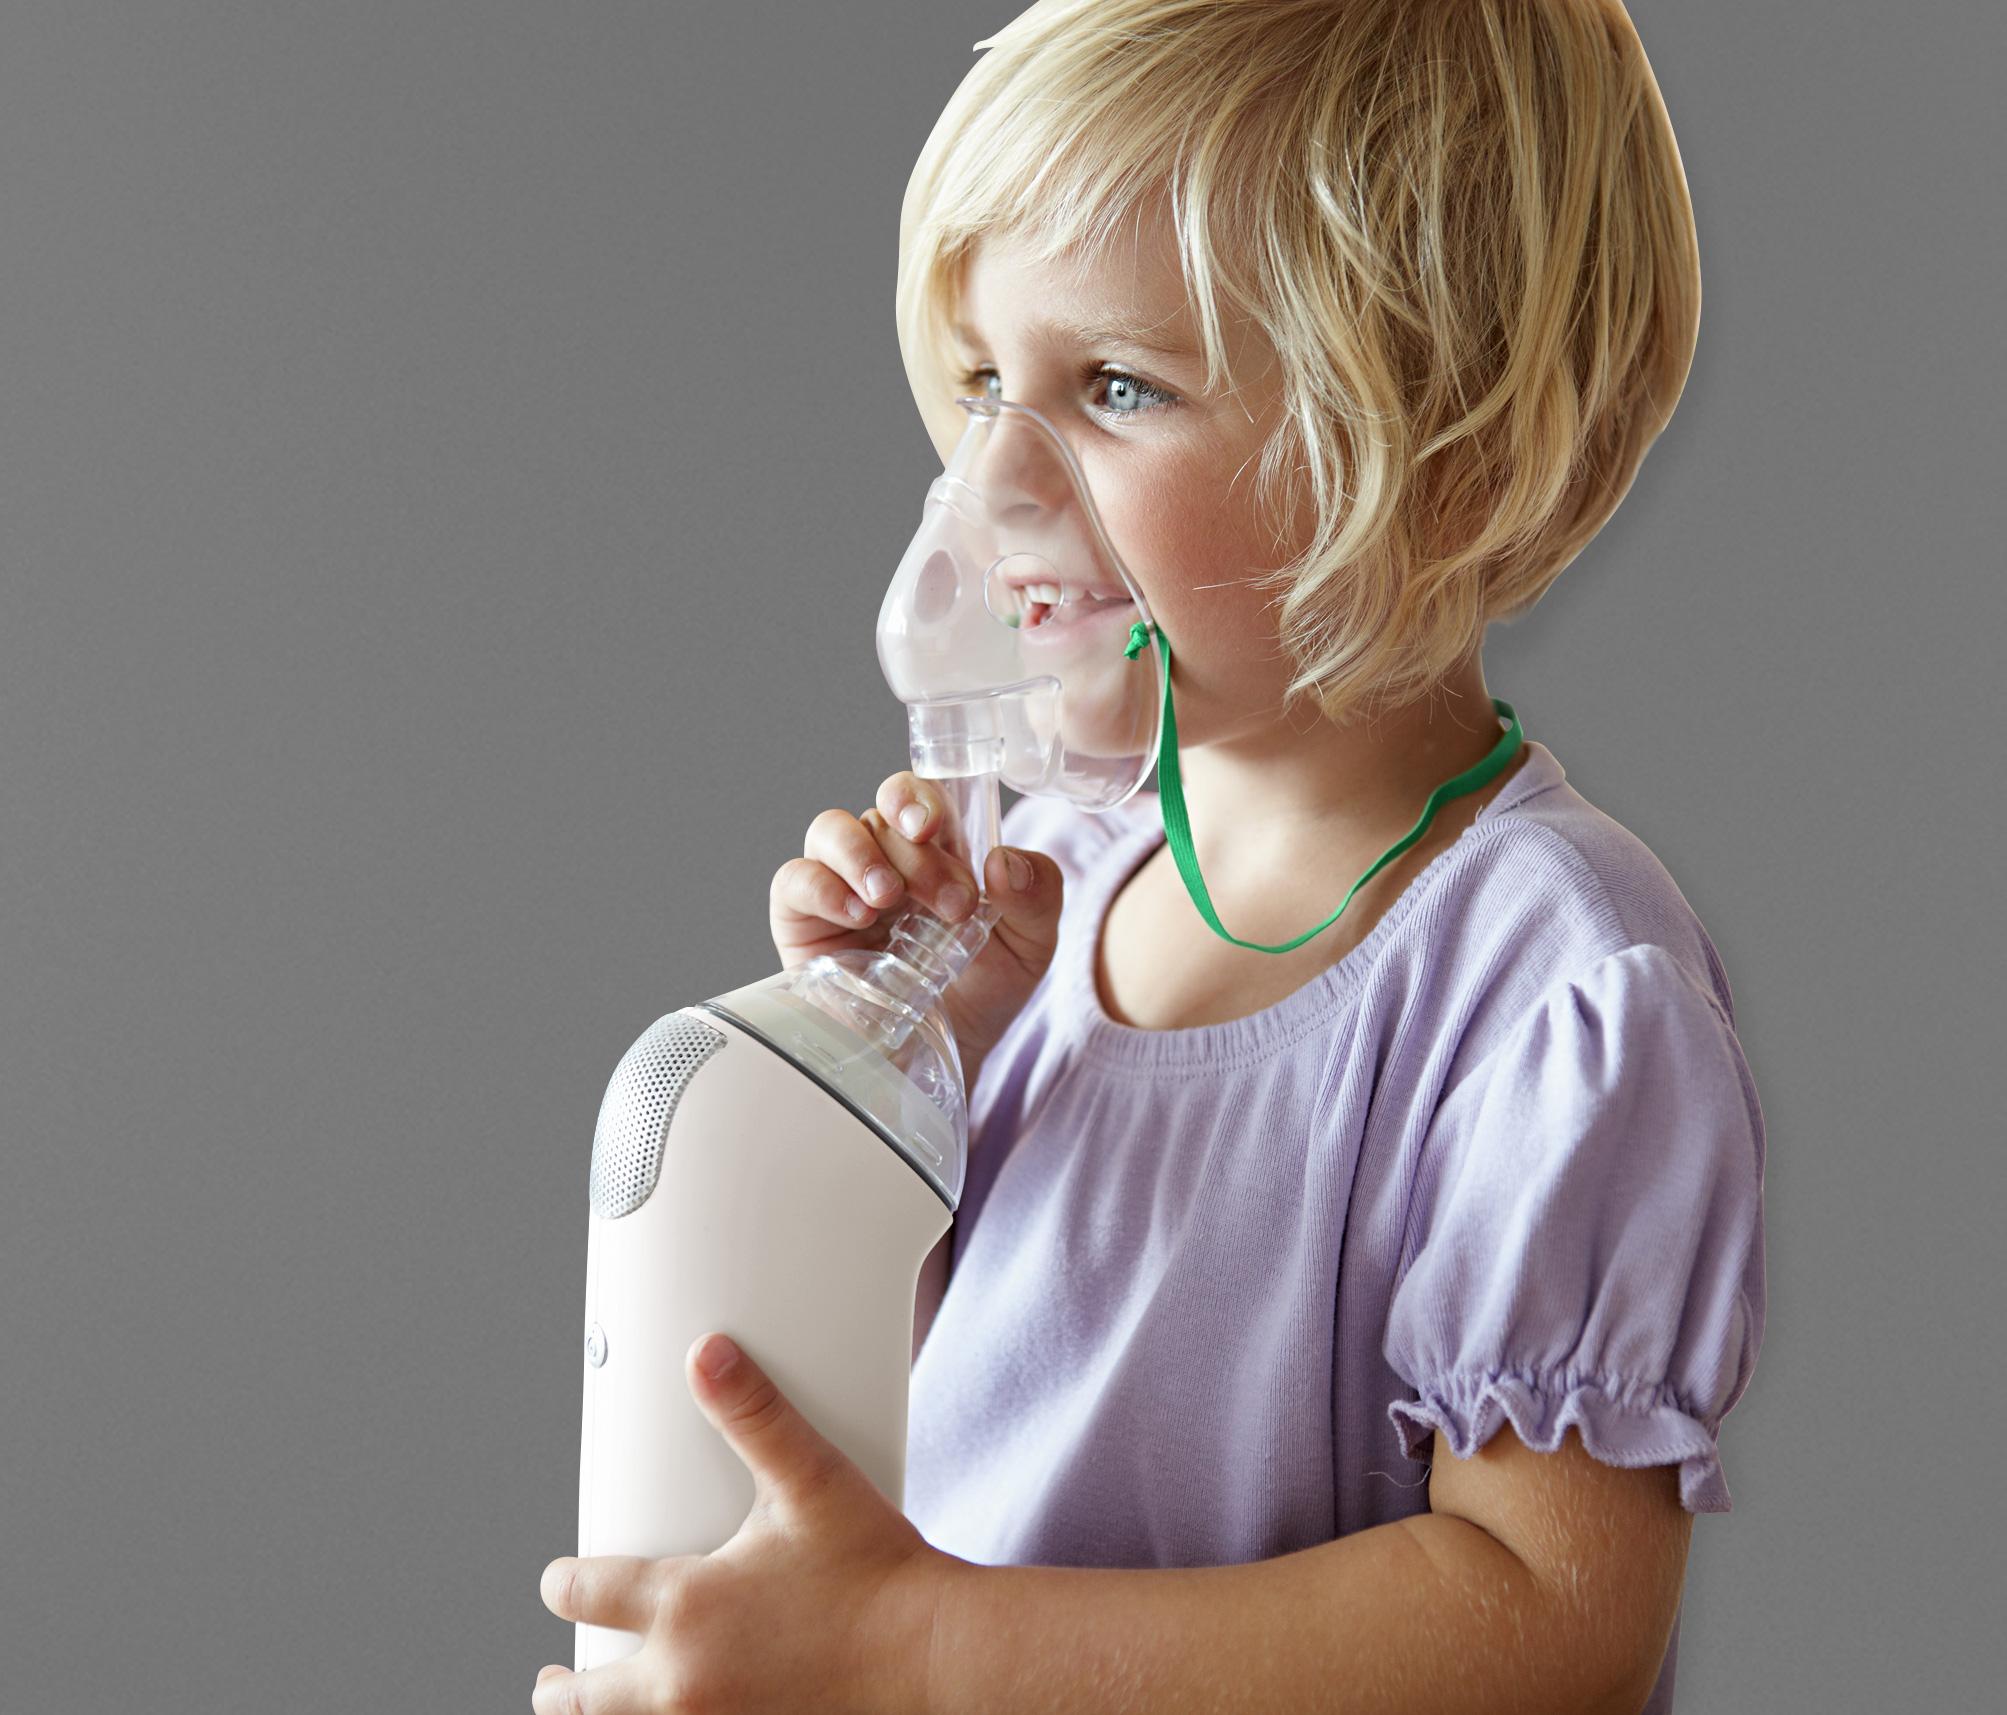 Inhalacja dziecka to dobry sposób na nawilżenie dróg oddechowych